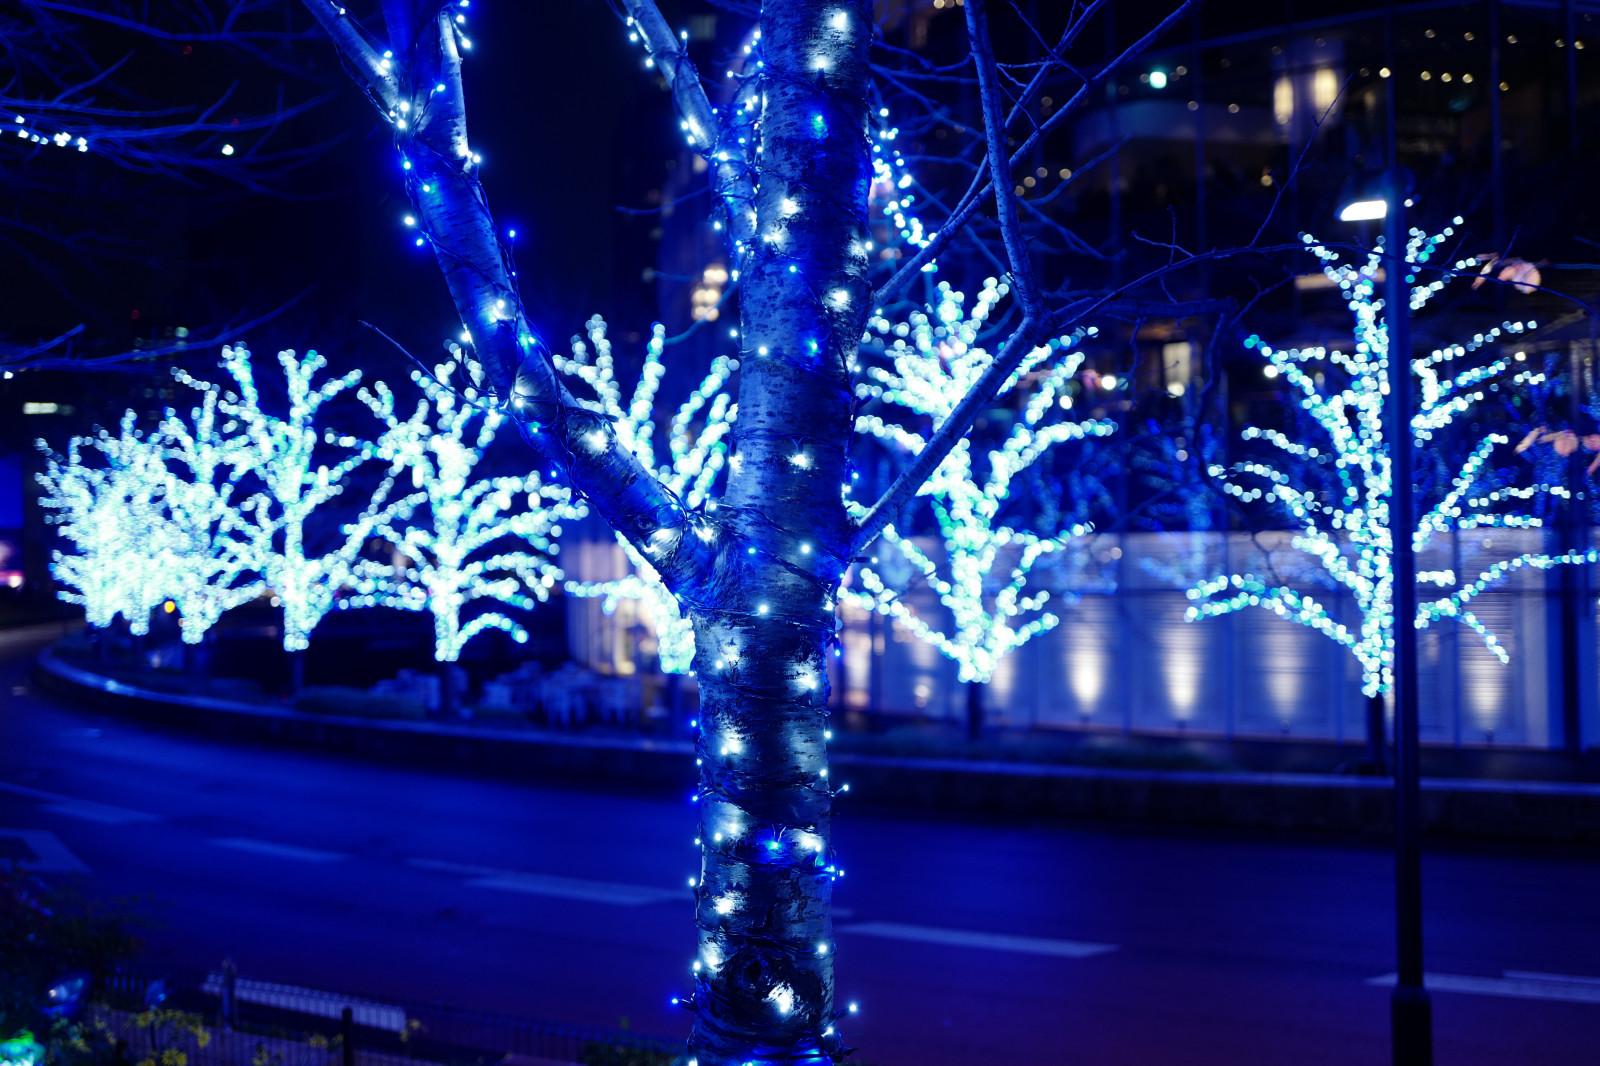 Fondos de pantalla  Japn noche rama rbol de Navidad